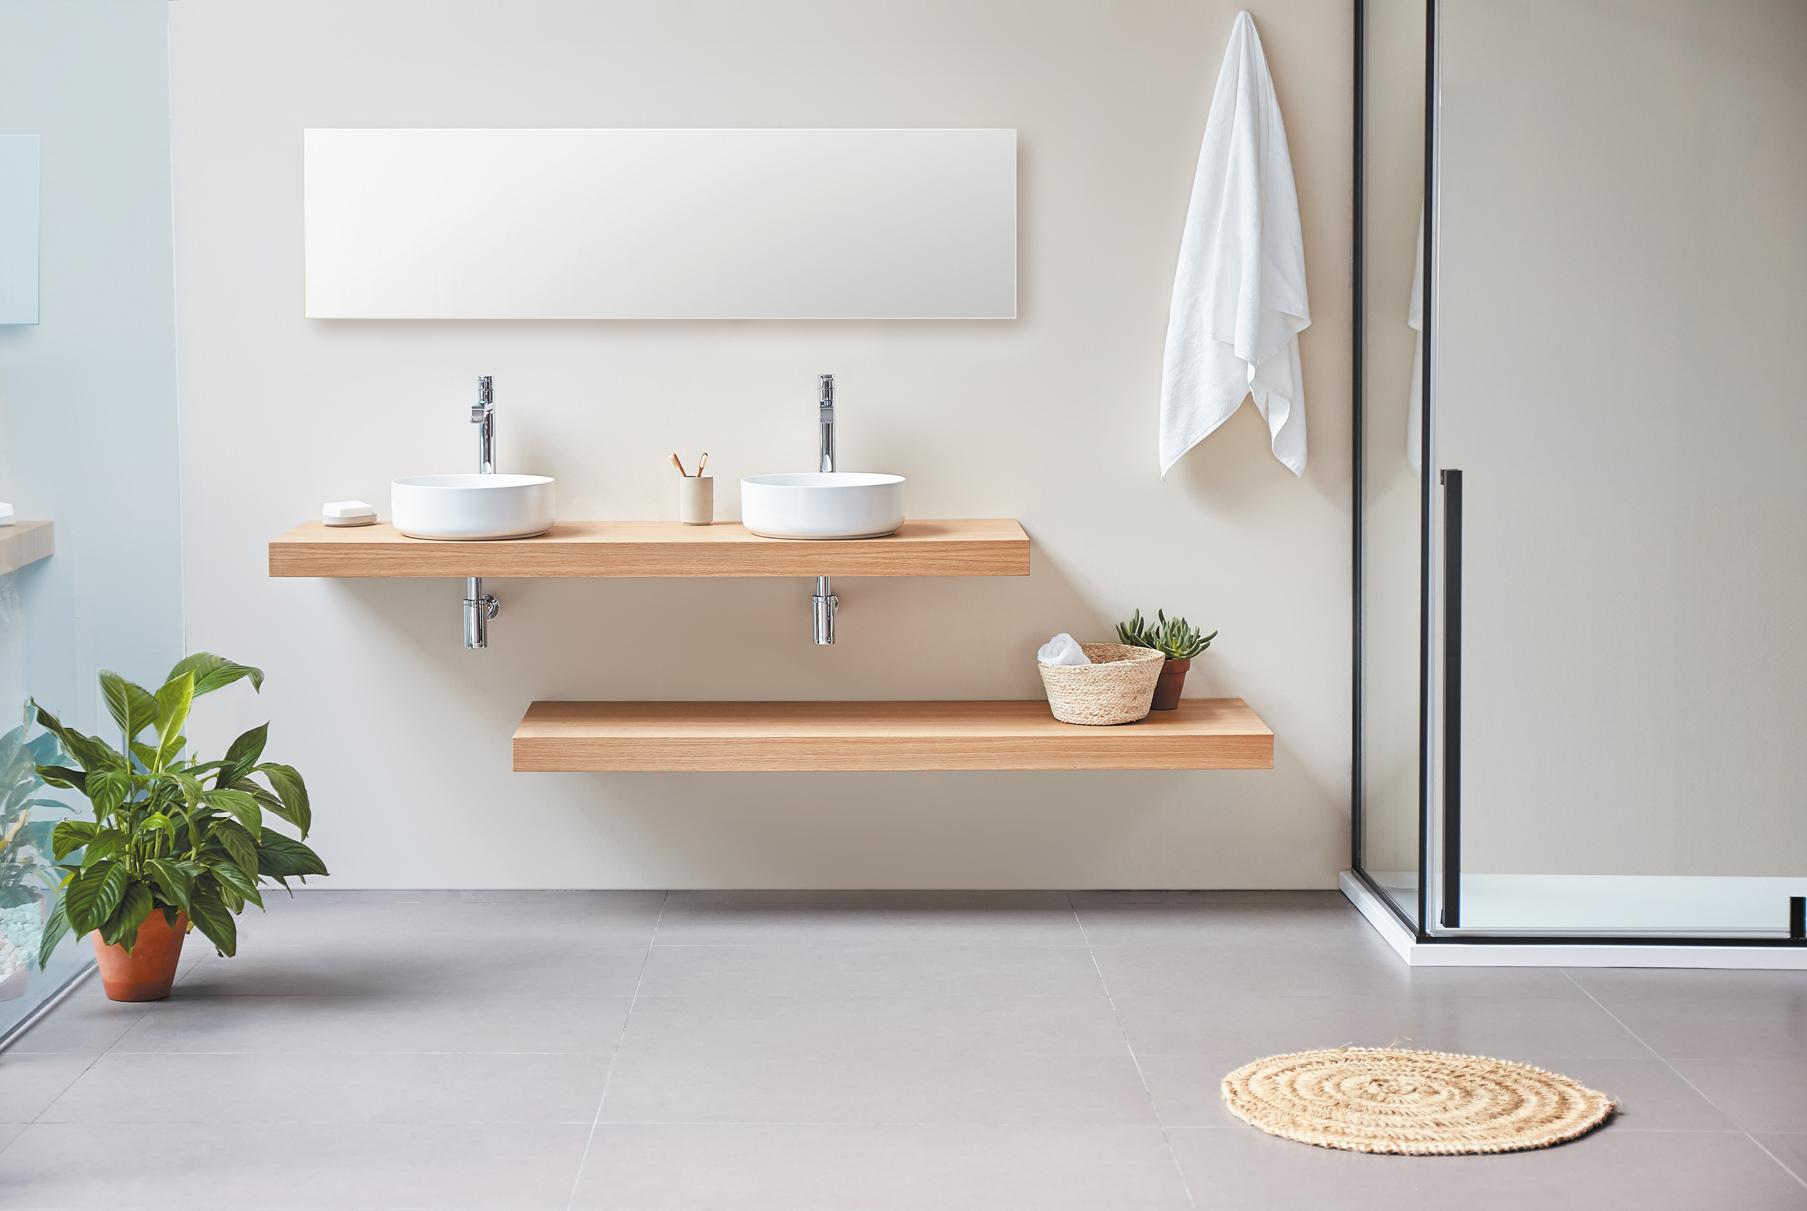 La madera: el material que da actitud a tu baño  Sanycces